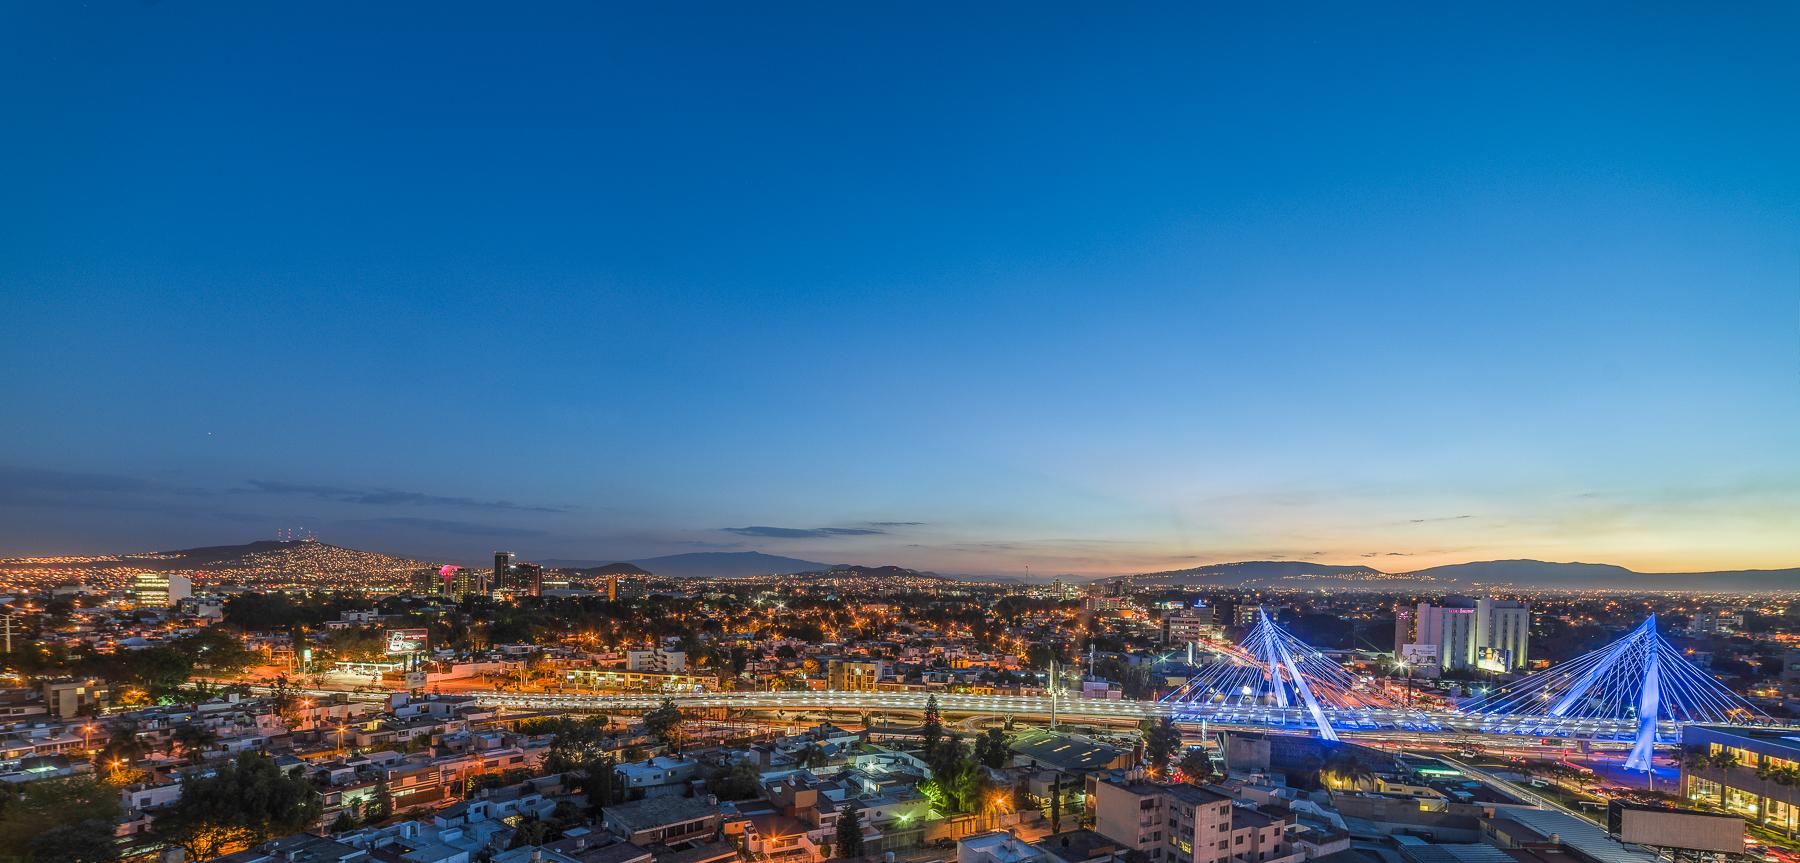 Los últimos años Jalisco ha sido considerado como el Silicon Valley mexicano